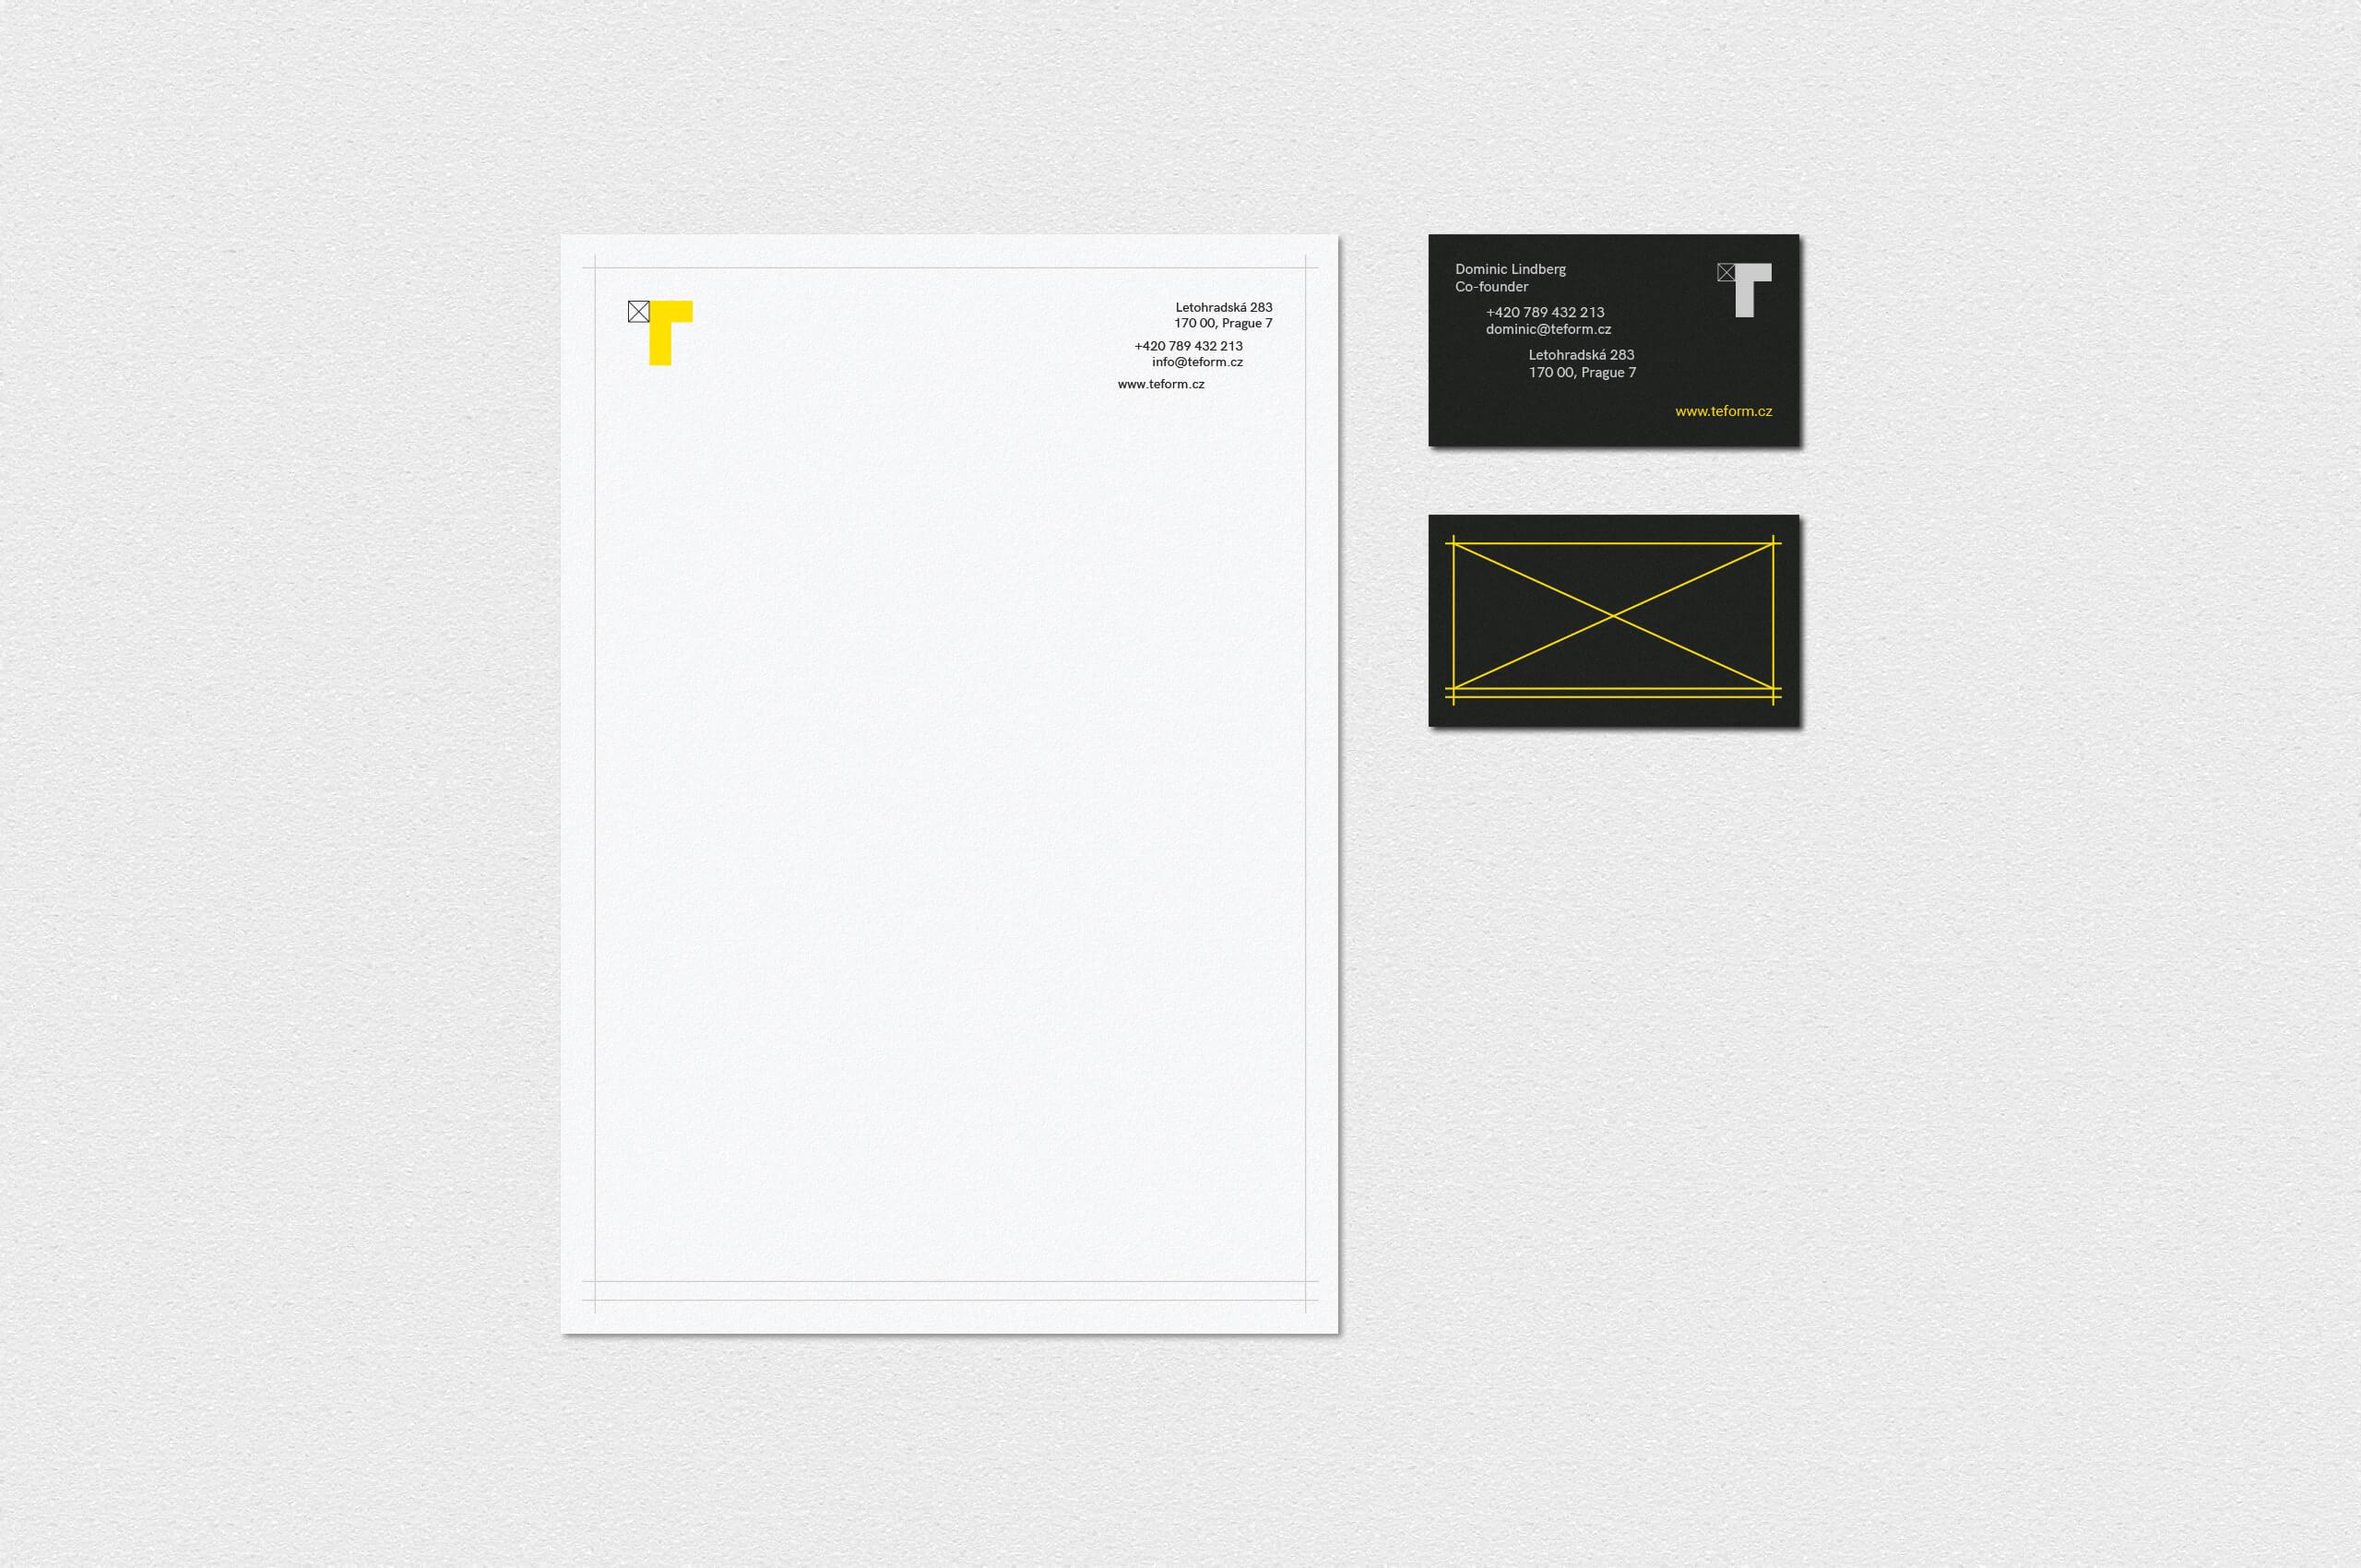 teform-primary-2-bh